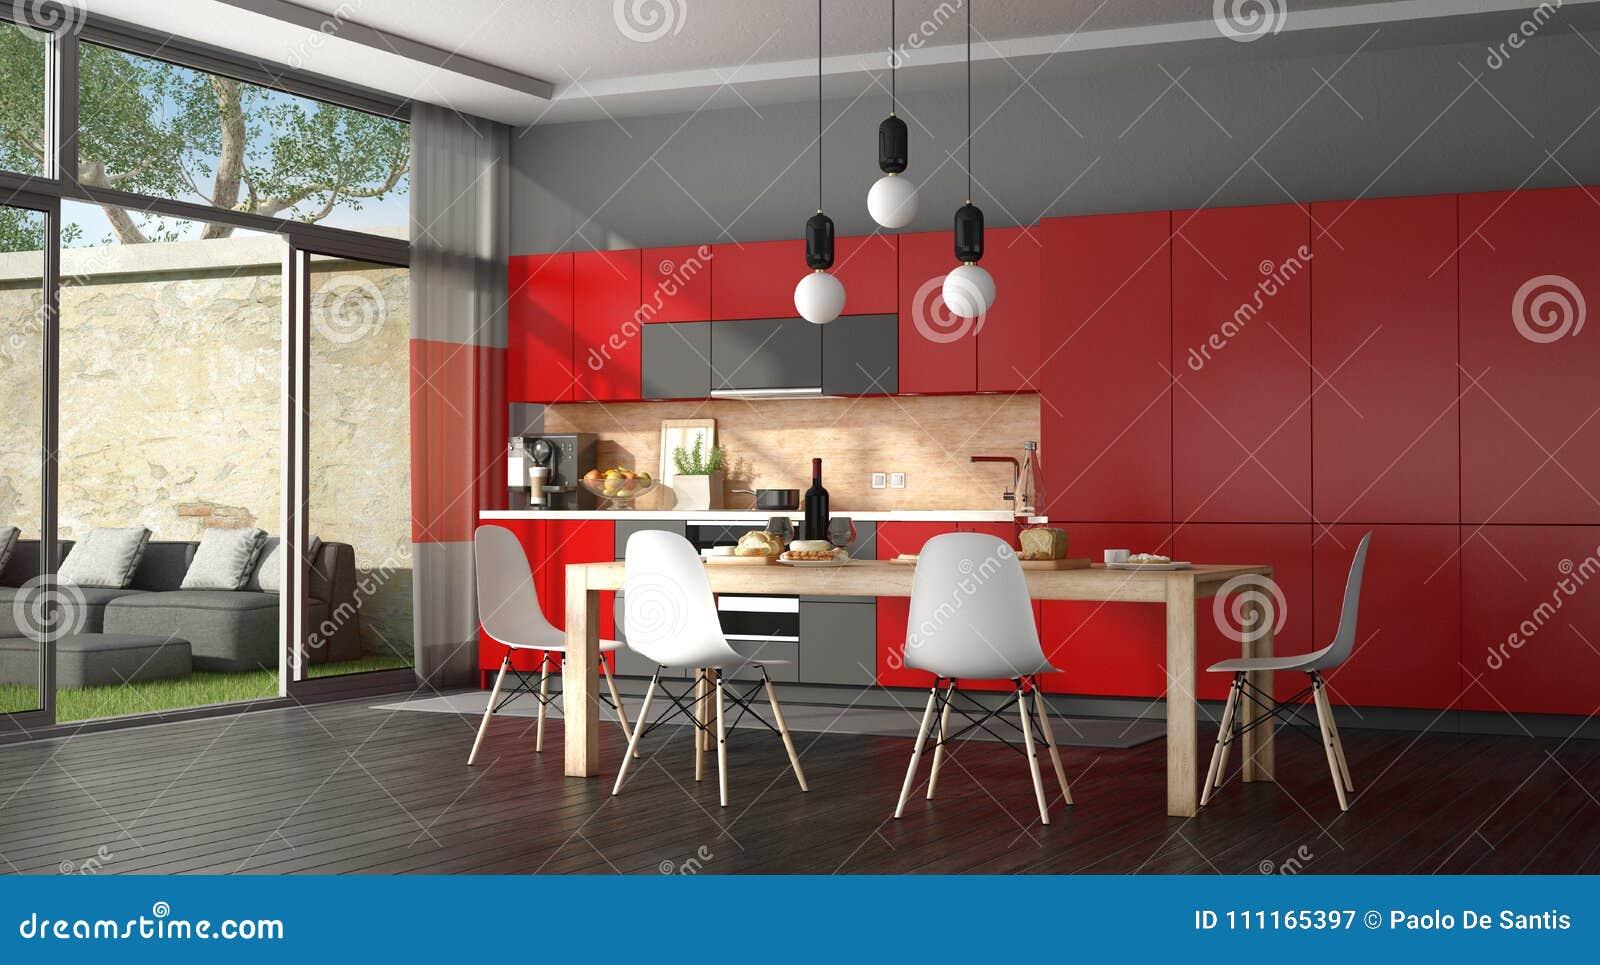 Cucina Moderna Nera.Cucina Moderna Nera E Rossa Illustrazione Di Stock